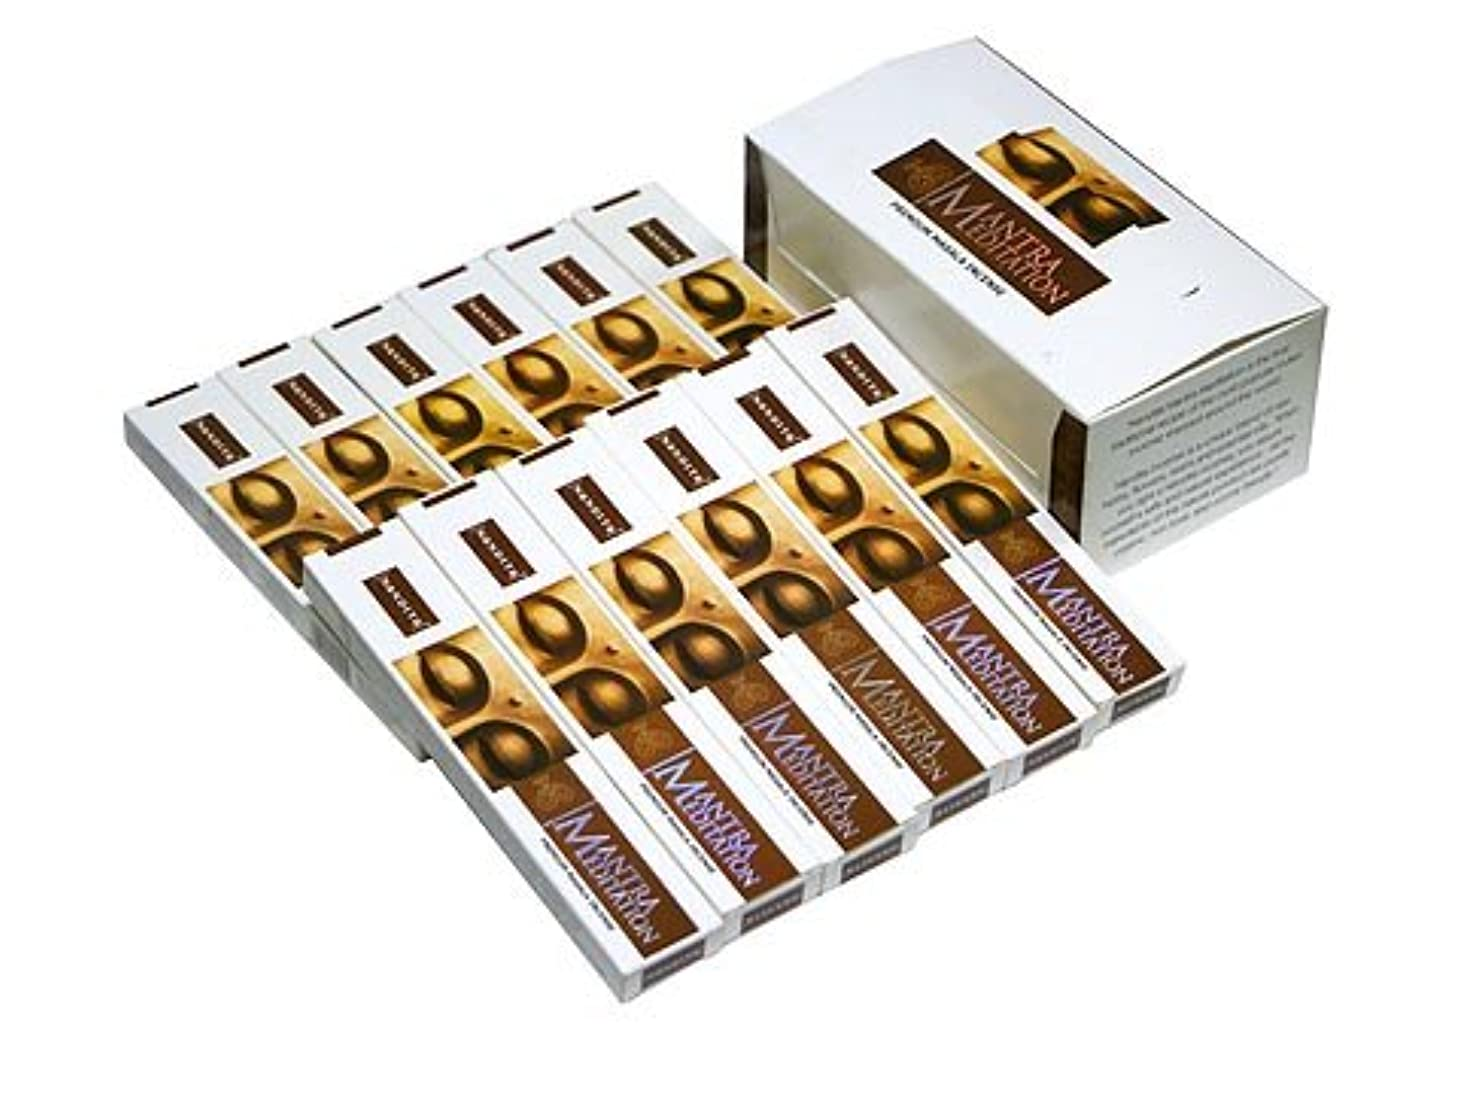 圧縮された描く暗いNANDITA(ナンディータ) マントラメディテーション香 スティック MANTRA MEDITATION 12箱セット